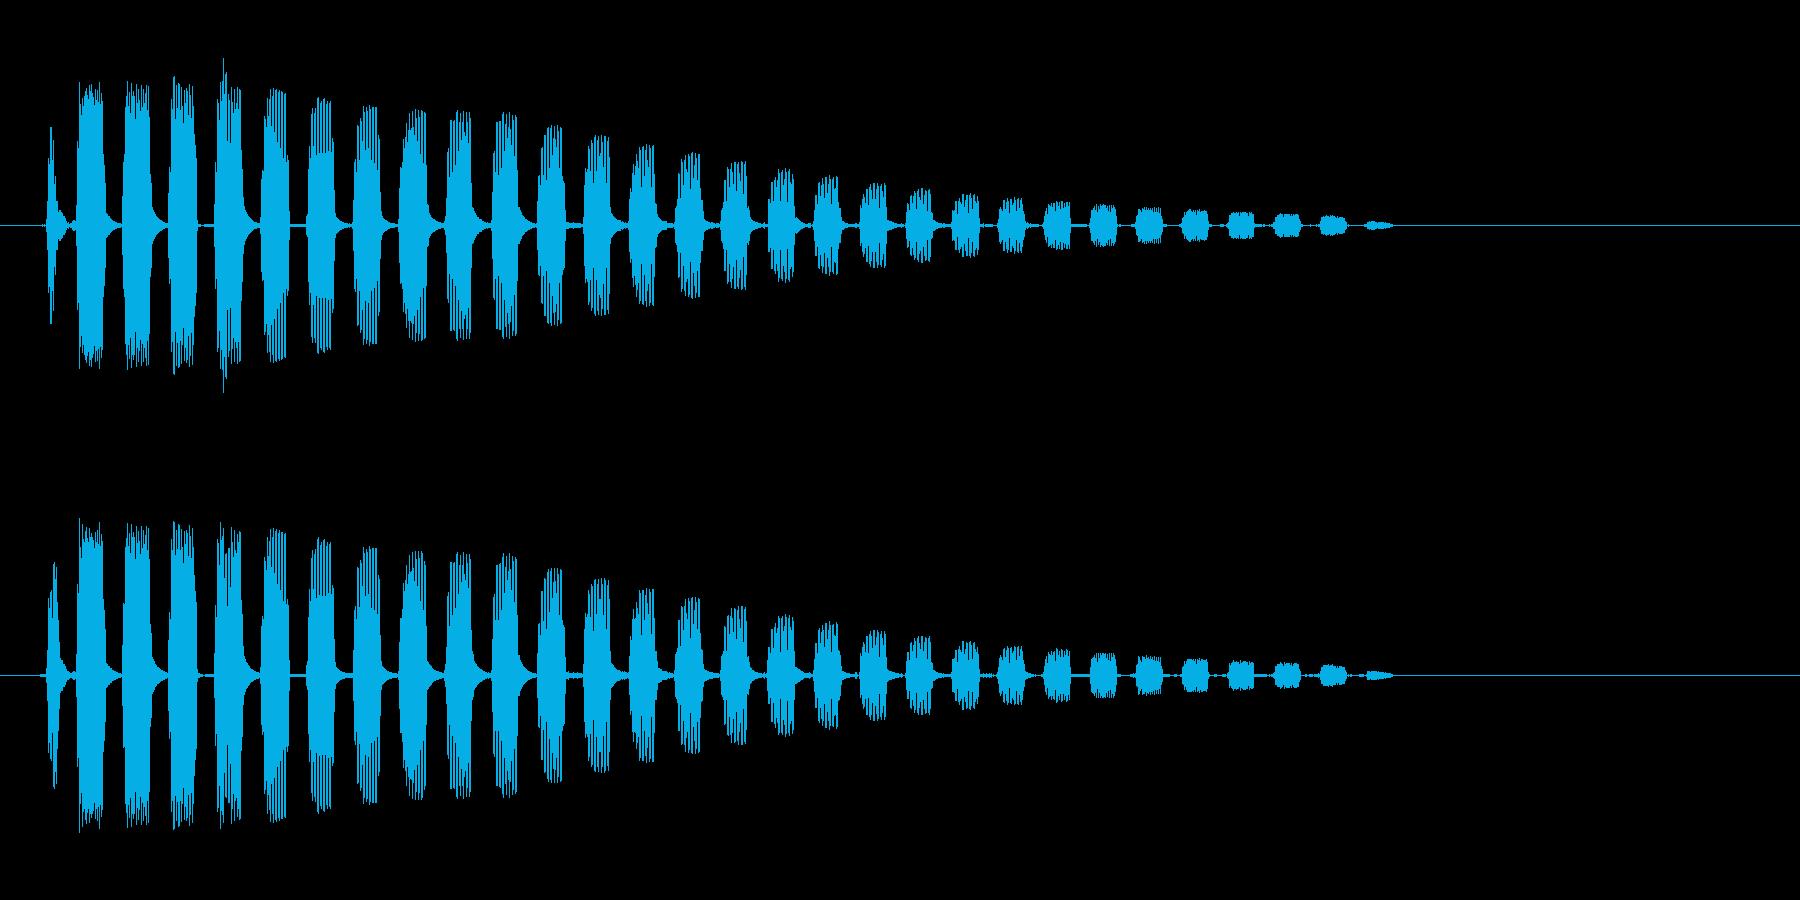 ビヨンッ (生物が跳ねる音)の再生済みの波形